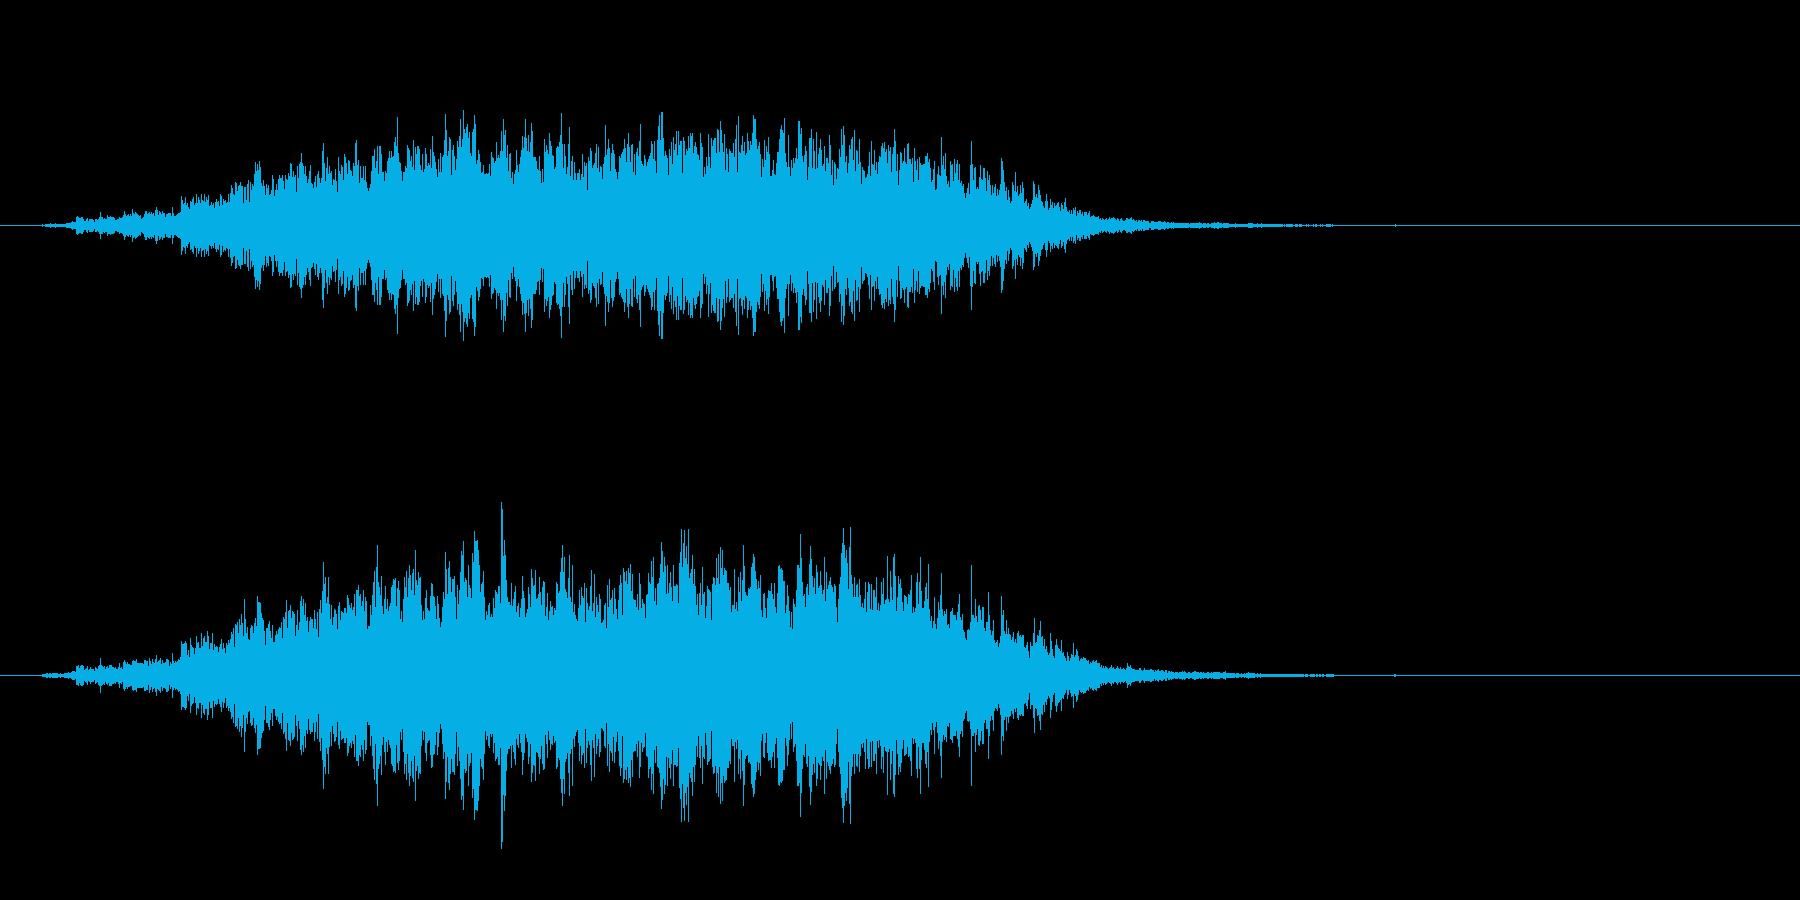 重めの鈴の音「えきろ」フレーズ音2+Fxの再生済みの波形